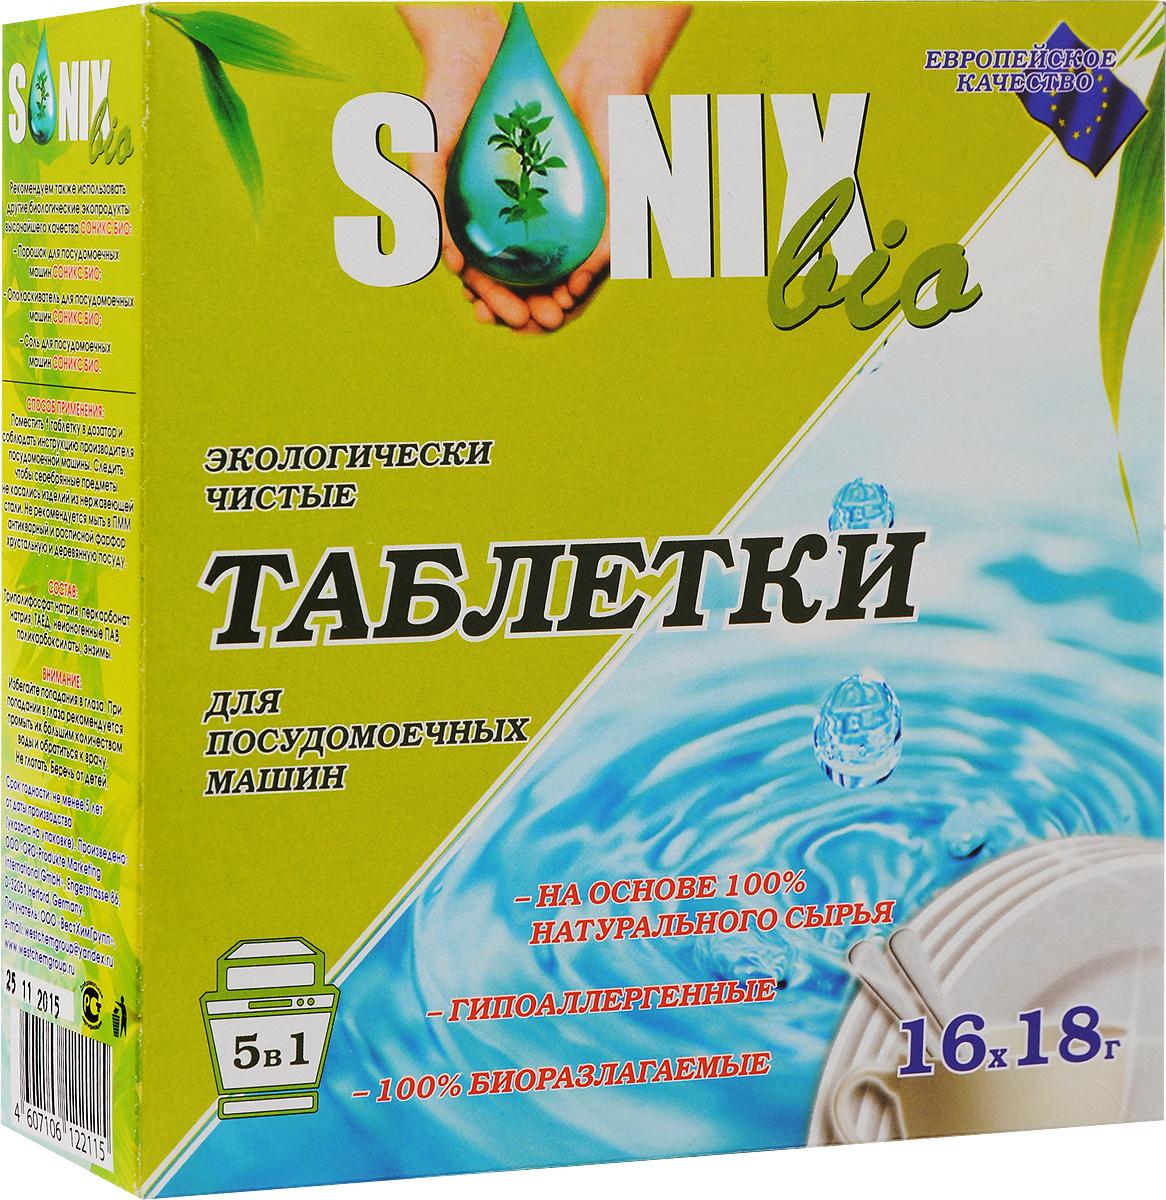 Таблетки для посудомоечных машин SonixBio 5 в 1, 16 шт х 18 г122115Таблетки SonixBio 5 в 1 способны к биологическому разложению. Упаковка подлежит переработке во вторичное сырье. Таблетки предназначены для мытья посуды в посудомоечных машинах любого типа и производителя. Благодаря кислороду и тщательно подобранным 100% натуральным активным компонентам, таблетки основательно, но в то же время деликатно, не повреждая посуду и рисунок на ней, растворяют любые, даже самые стойкие загрязнения и остатки пищи. Очищают тщательно и эффективно с помощью веществ, не наносящих вреда человеку и окружающей среде. Состав: триполифосфат натрия, перкарбонат натрия, ТАЕД, неионогенные ПАВ, поликарбоксилаты, энзимы. Вес одной таблетки: 18 г. Товар сертифицирован.